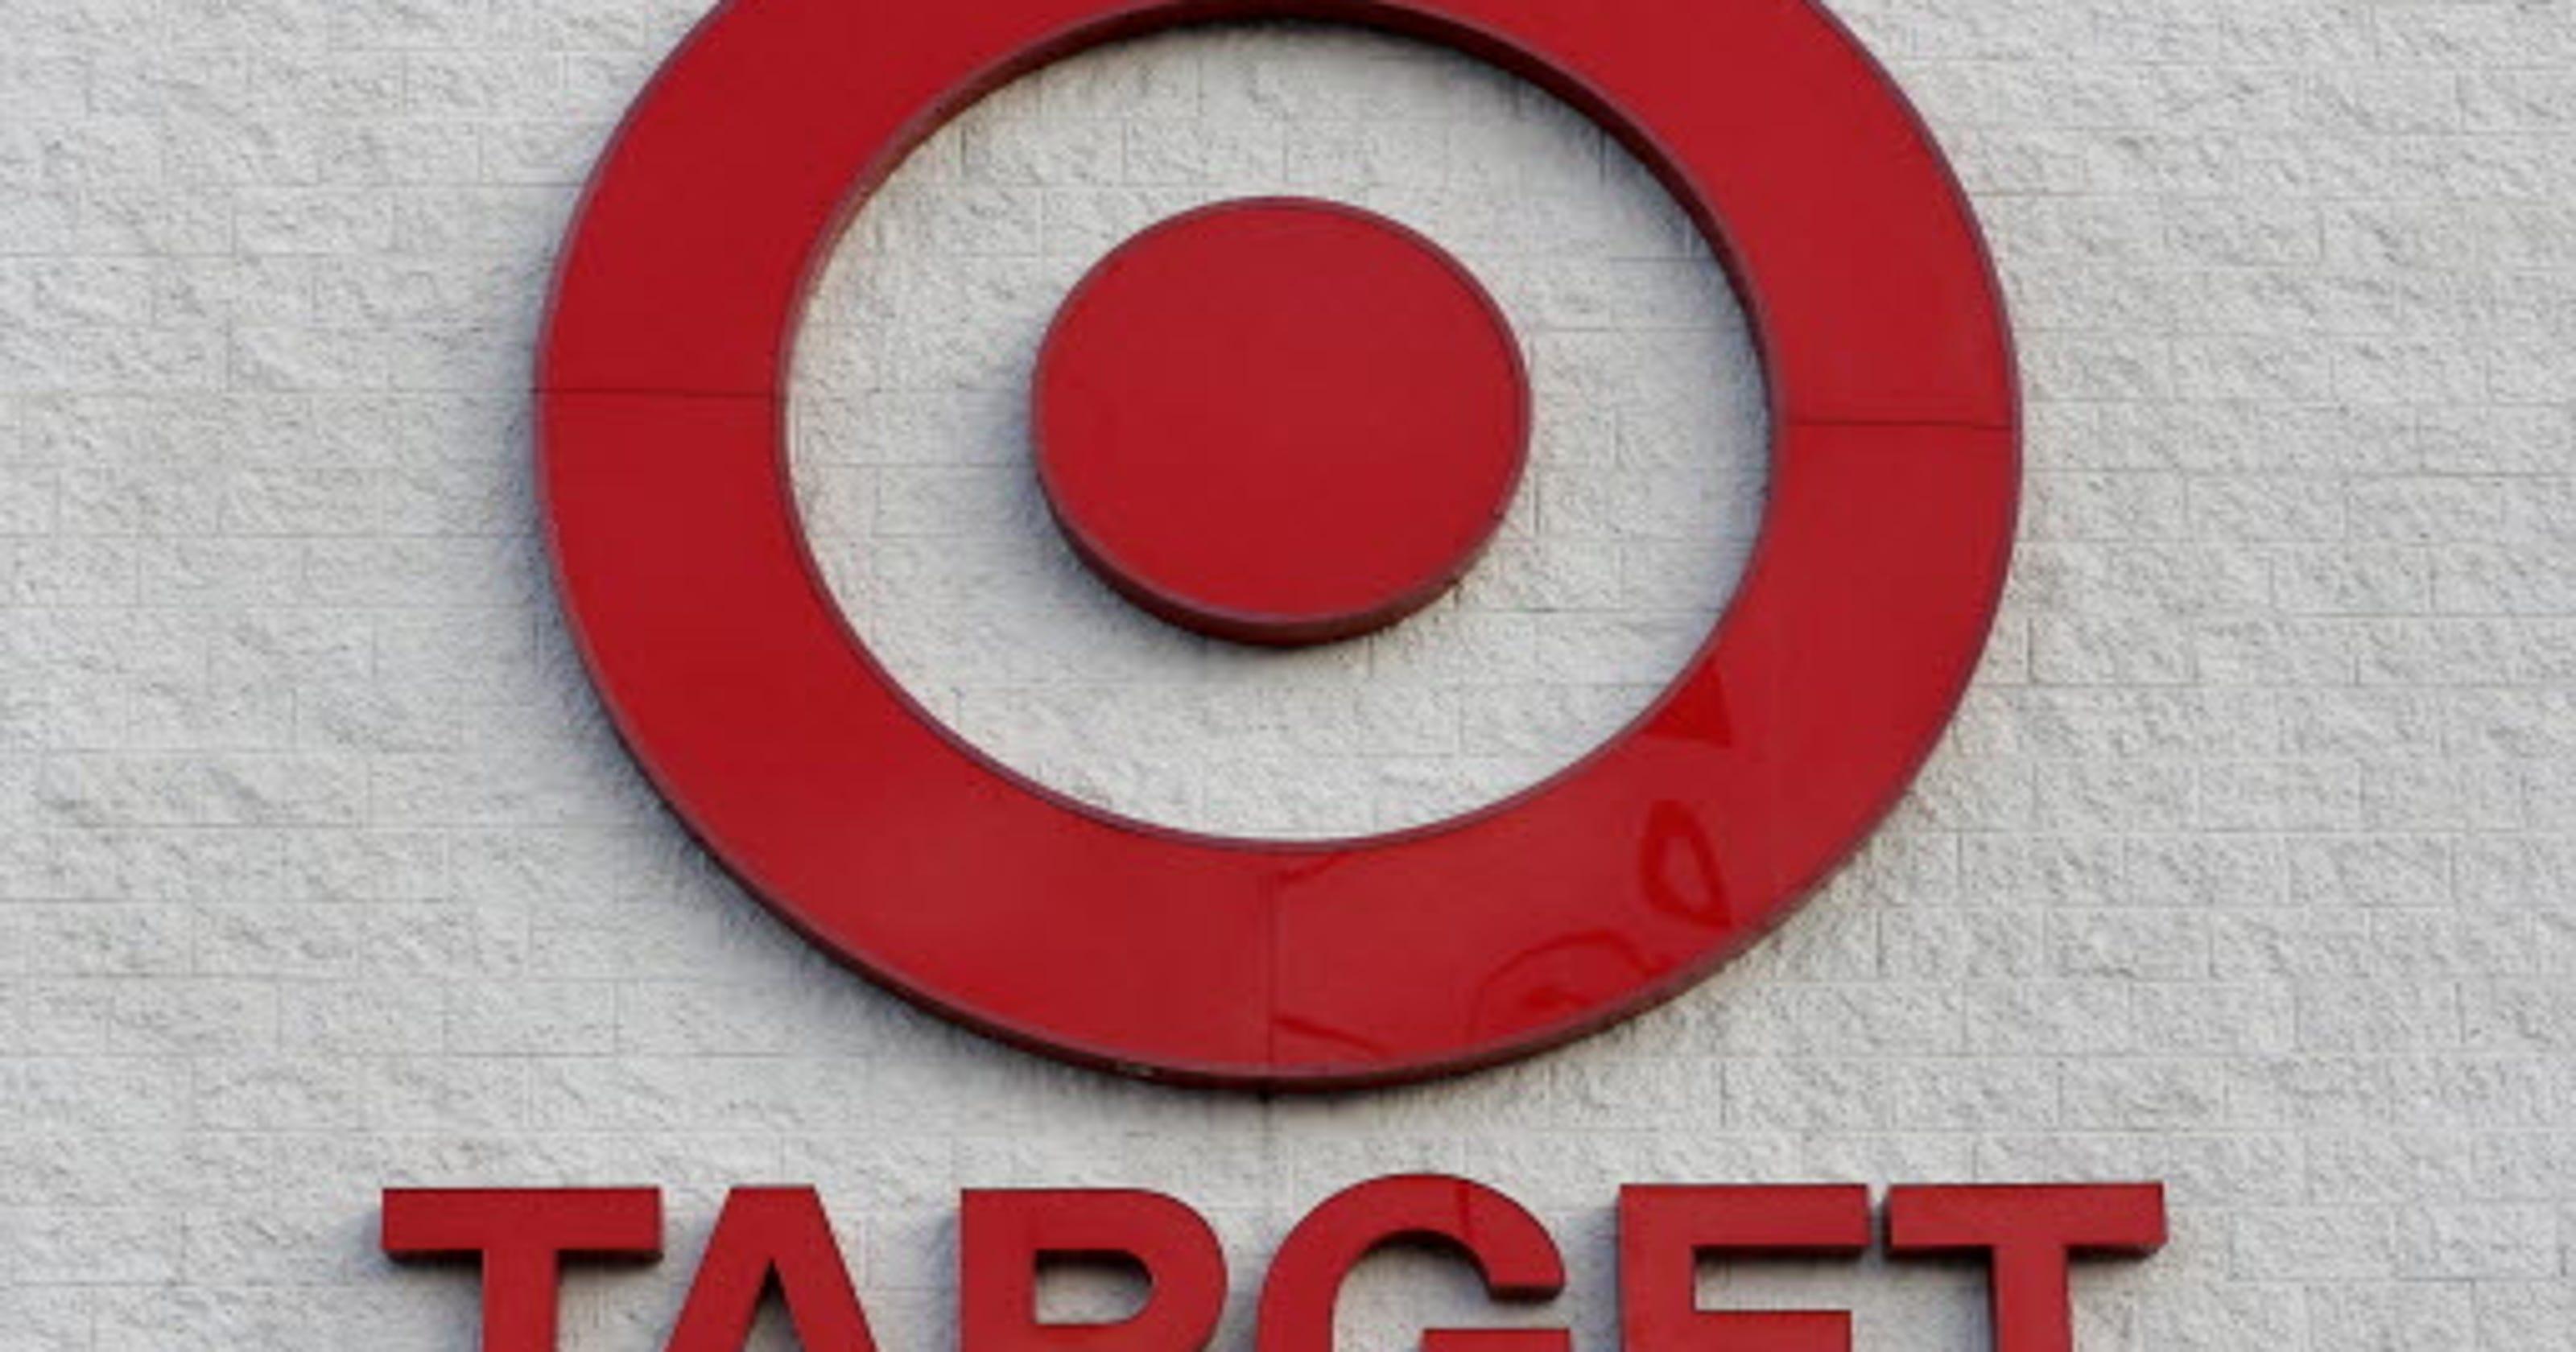 Teacher discount! Target offering teachers 15 percent off select classroom supplies thumbnail